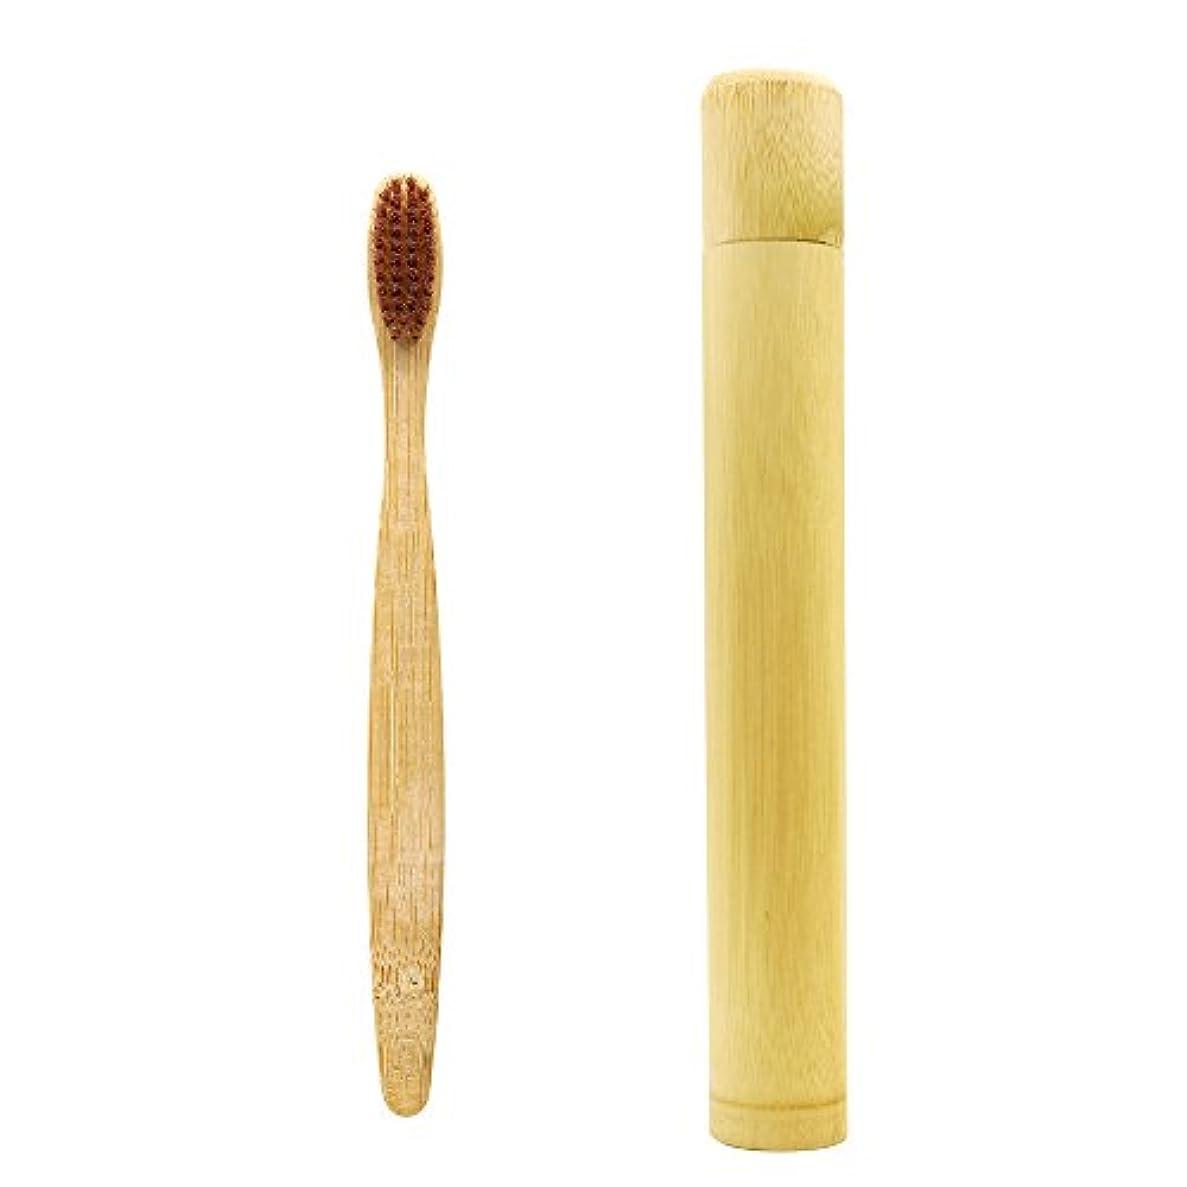 連鎖開発する欲求不満N-amboo 歯ブラシ ケース付き 竹製 耐久性 出張旅行 携帯便利 エコ